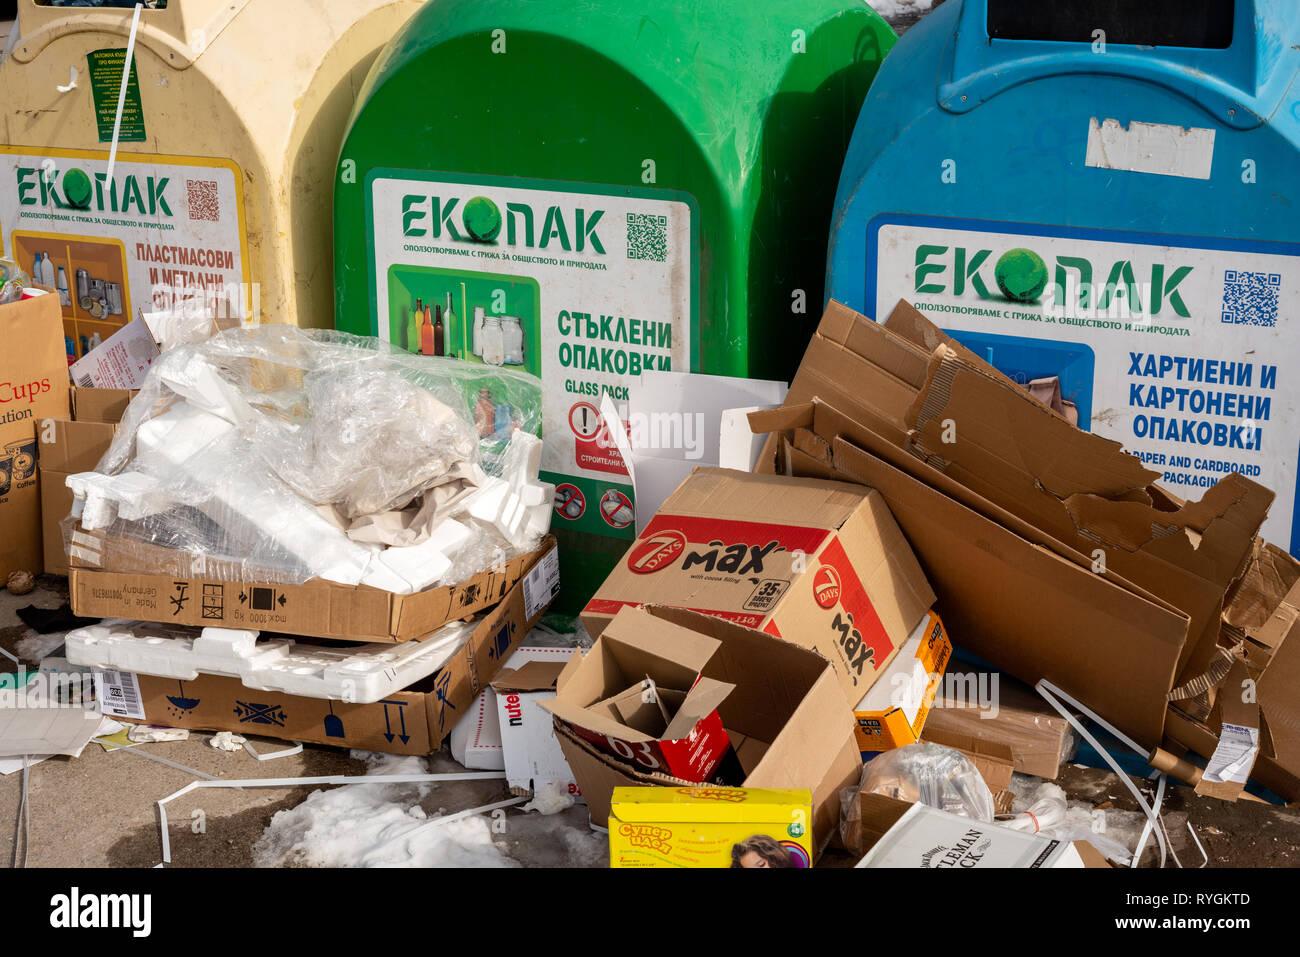 Sofia Bulgarie. Déchets Les déchets mixtes autour de refuser les bacs de recyclage. Carte à côté de conseils faisant l'objet d'un des bacs de recyclage complet. Problème de collecte des déchets Bulgarie Banque D'Images